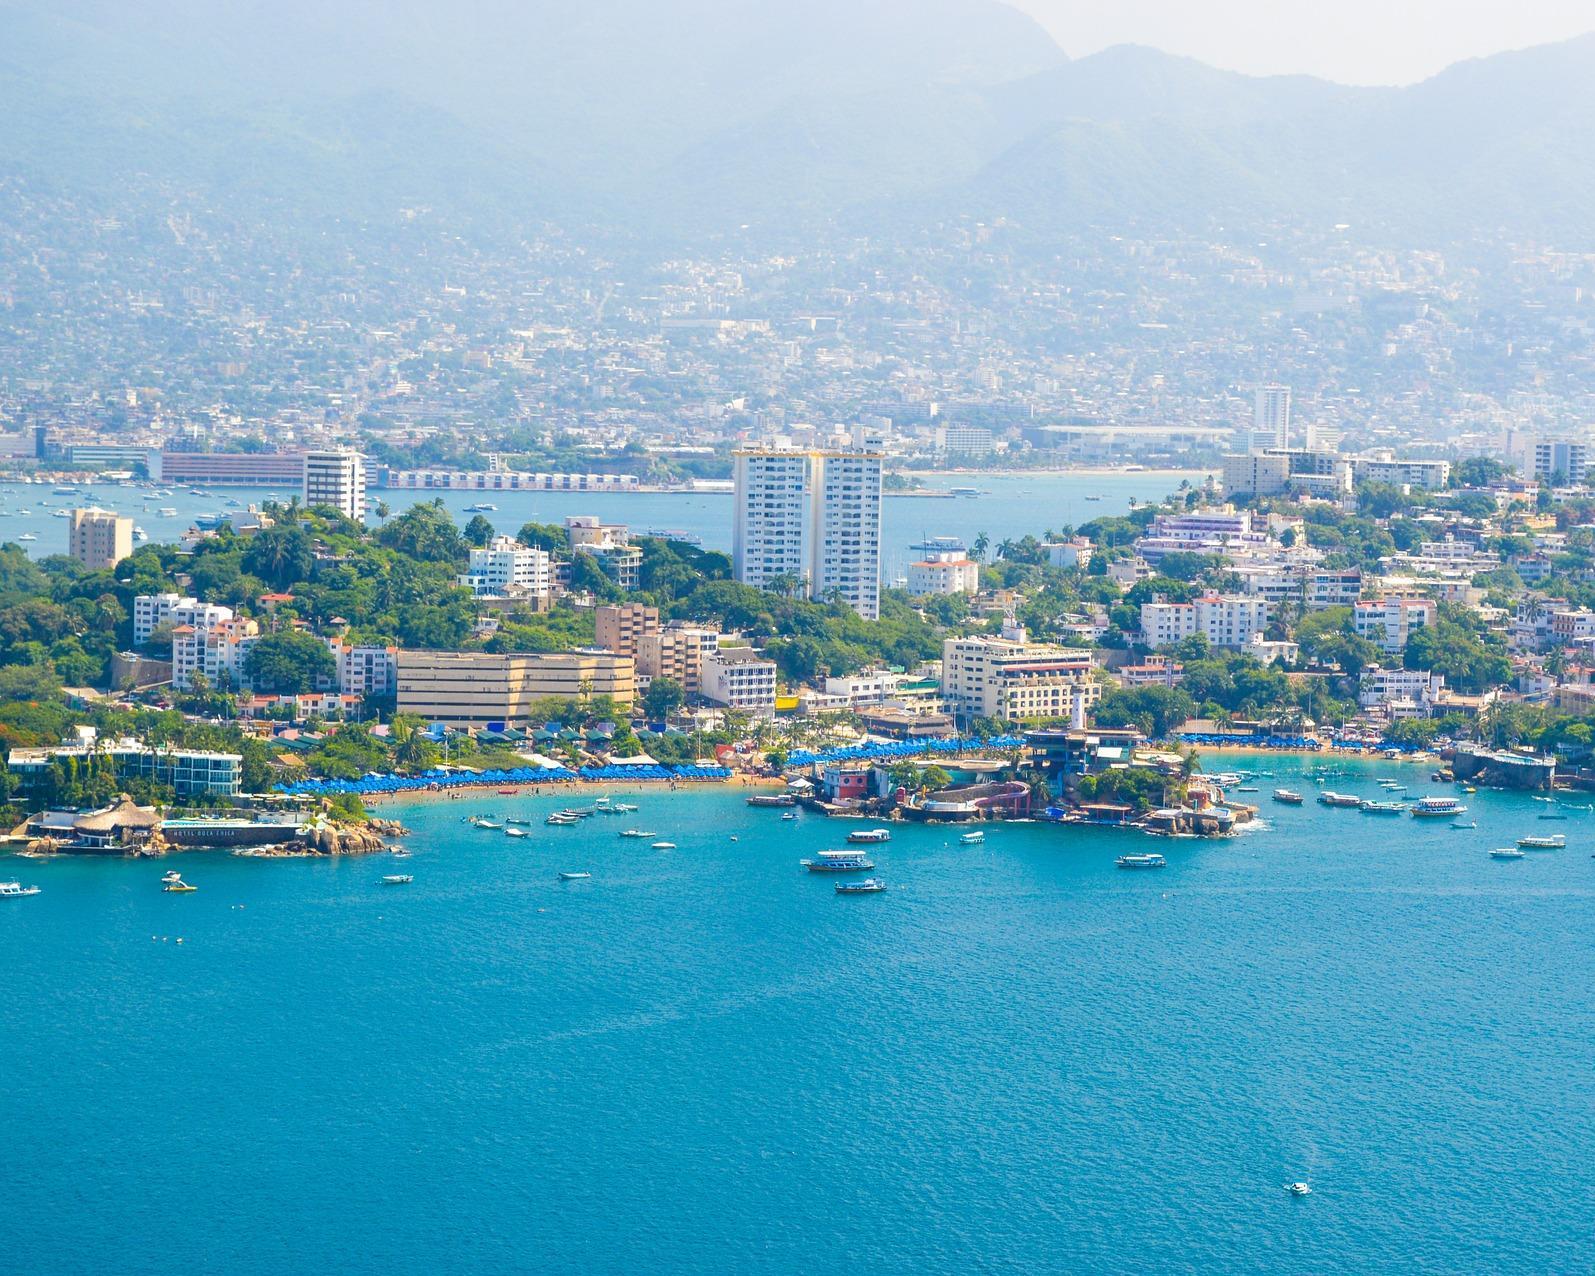 Acapulco TODO INCLUIDO, 7 noches de hotel de playa